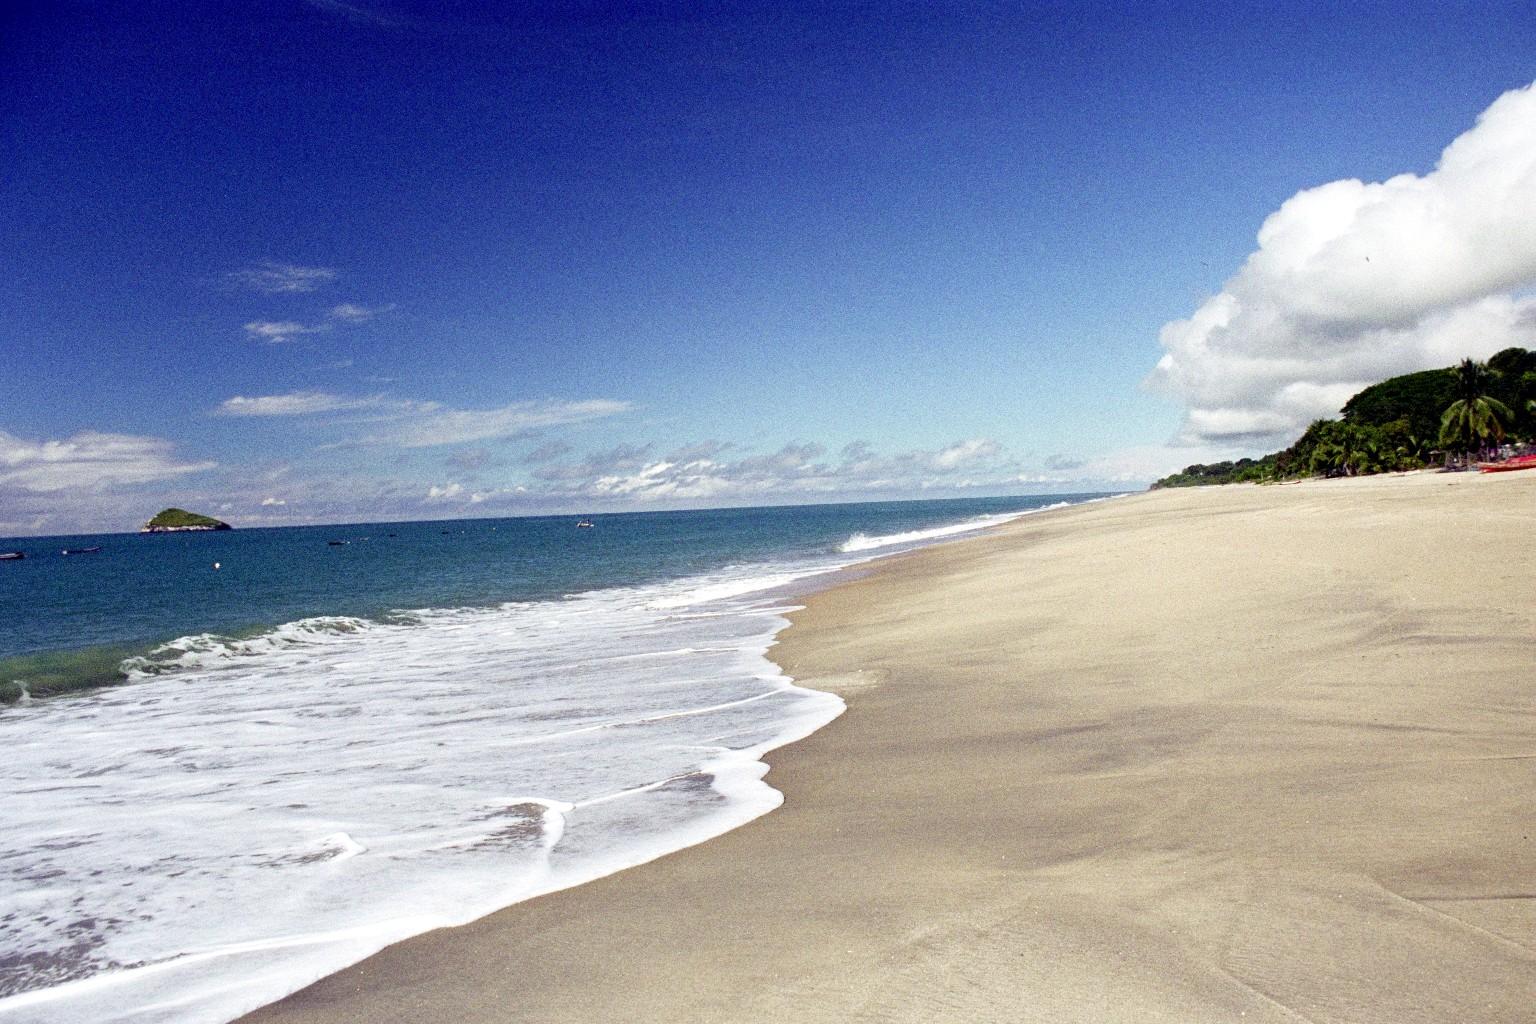 vacaciones espana playas: